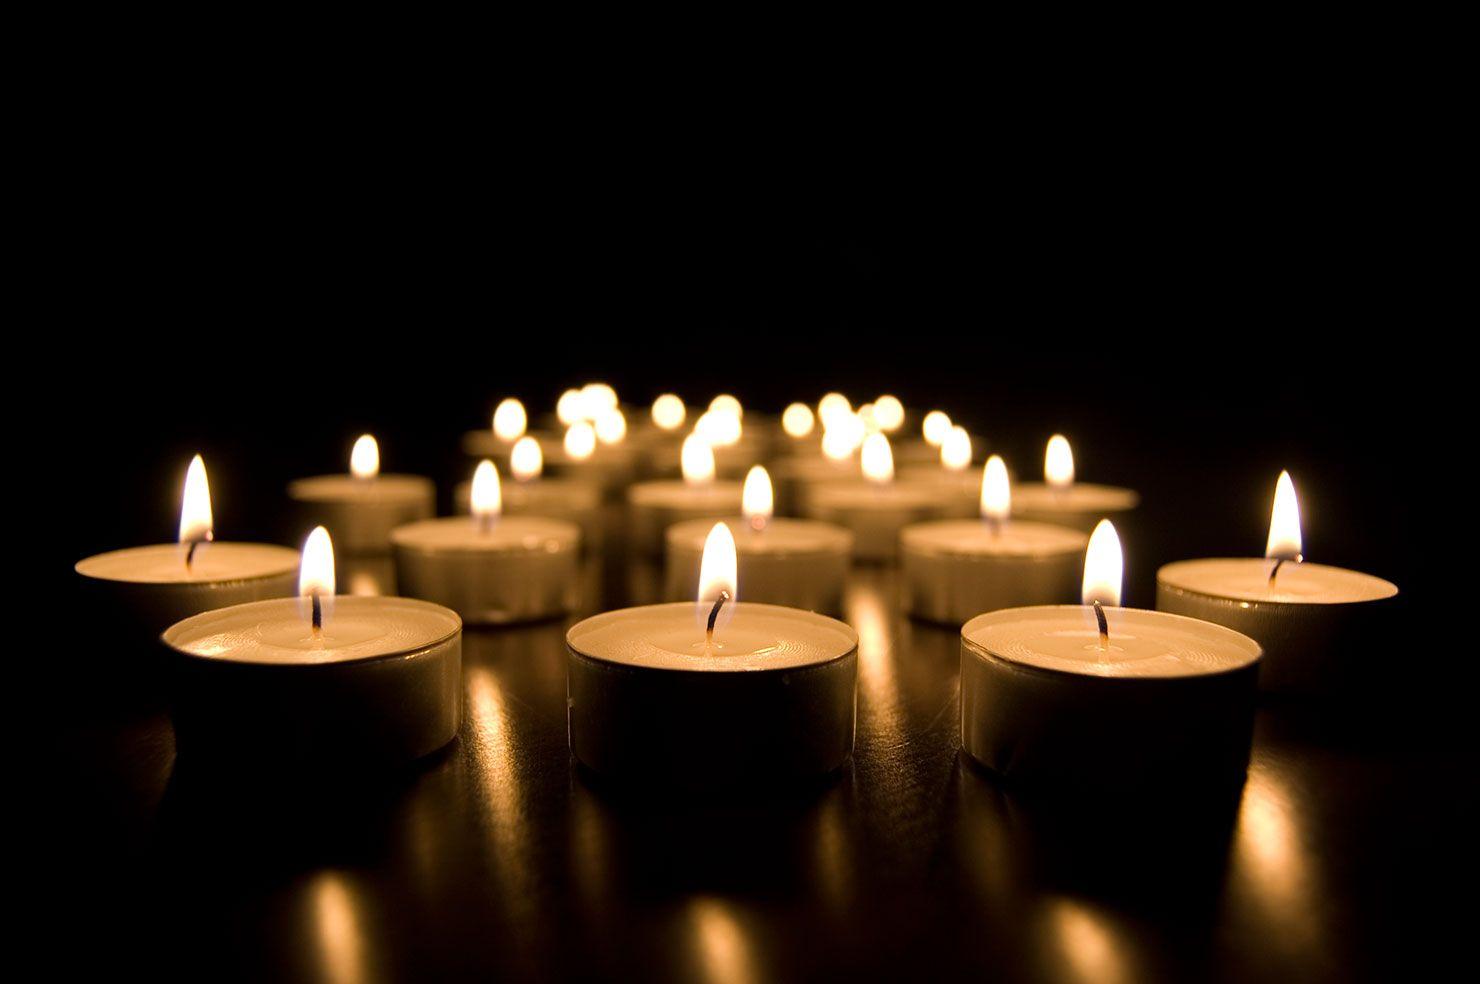 Grupo velas encendidas